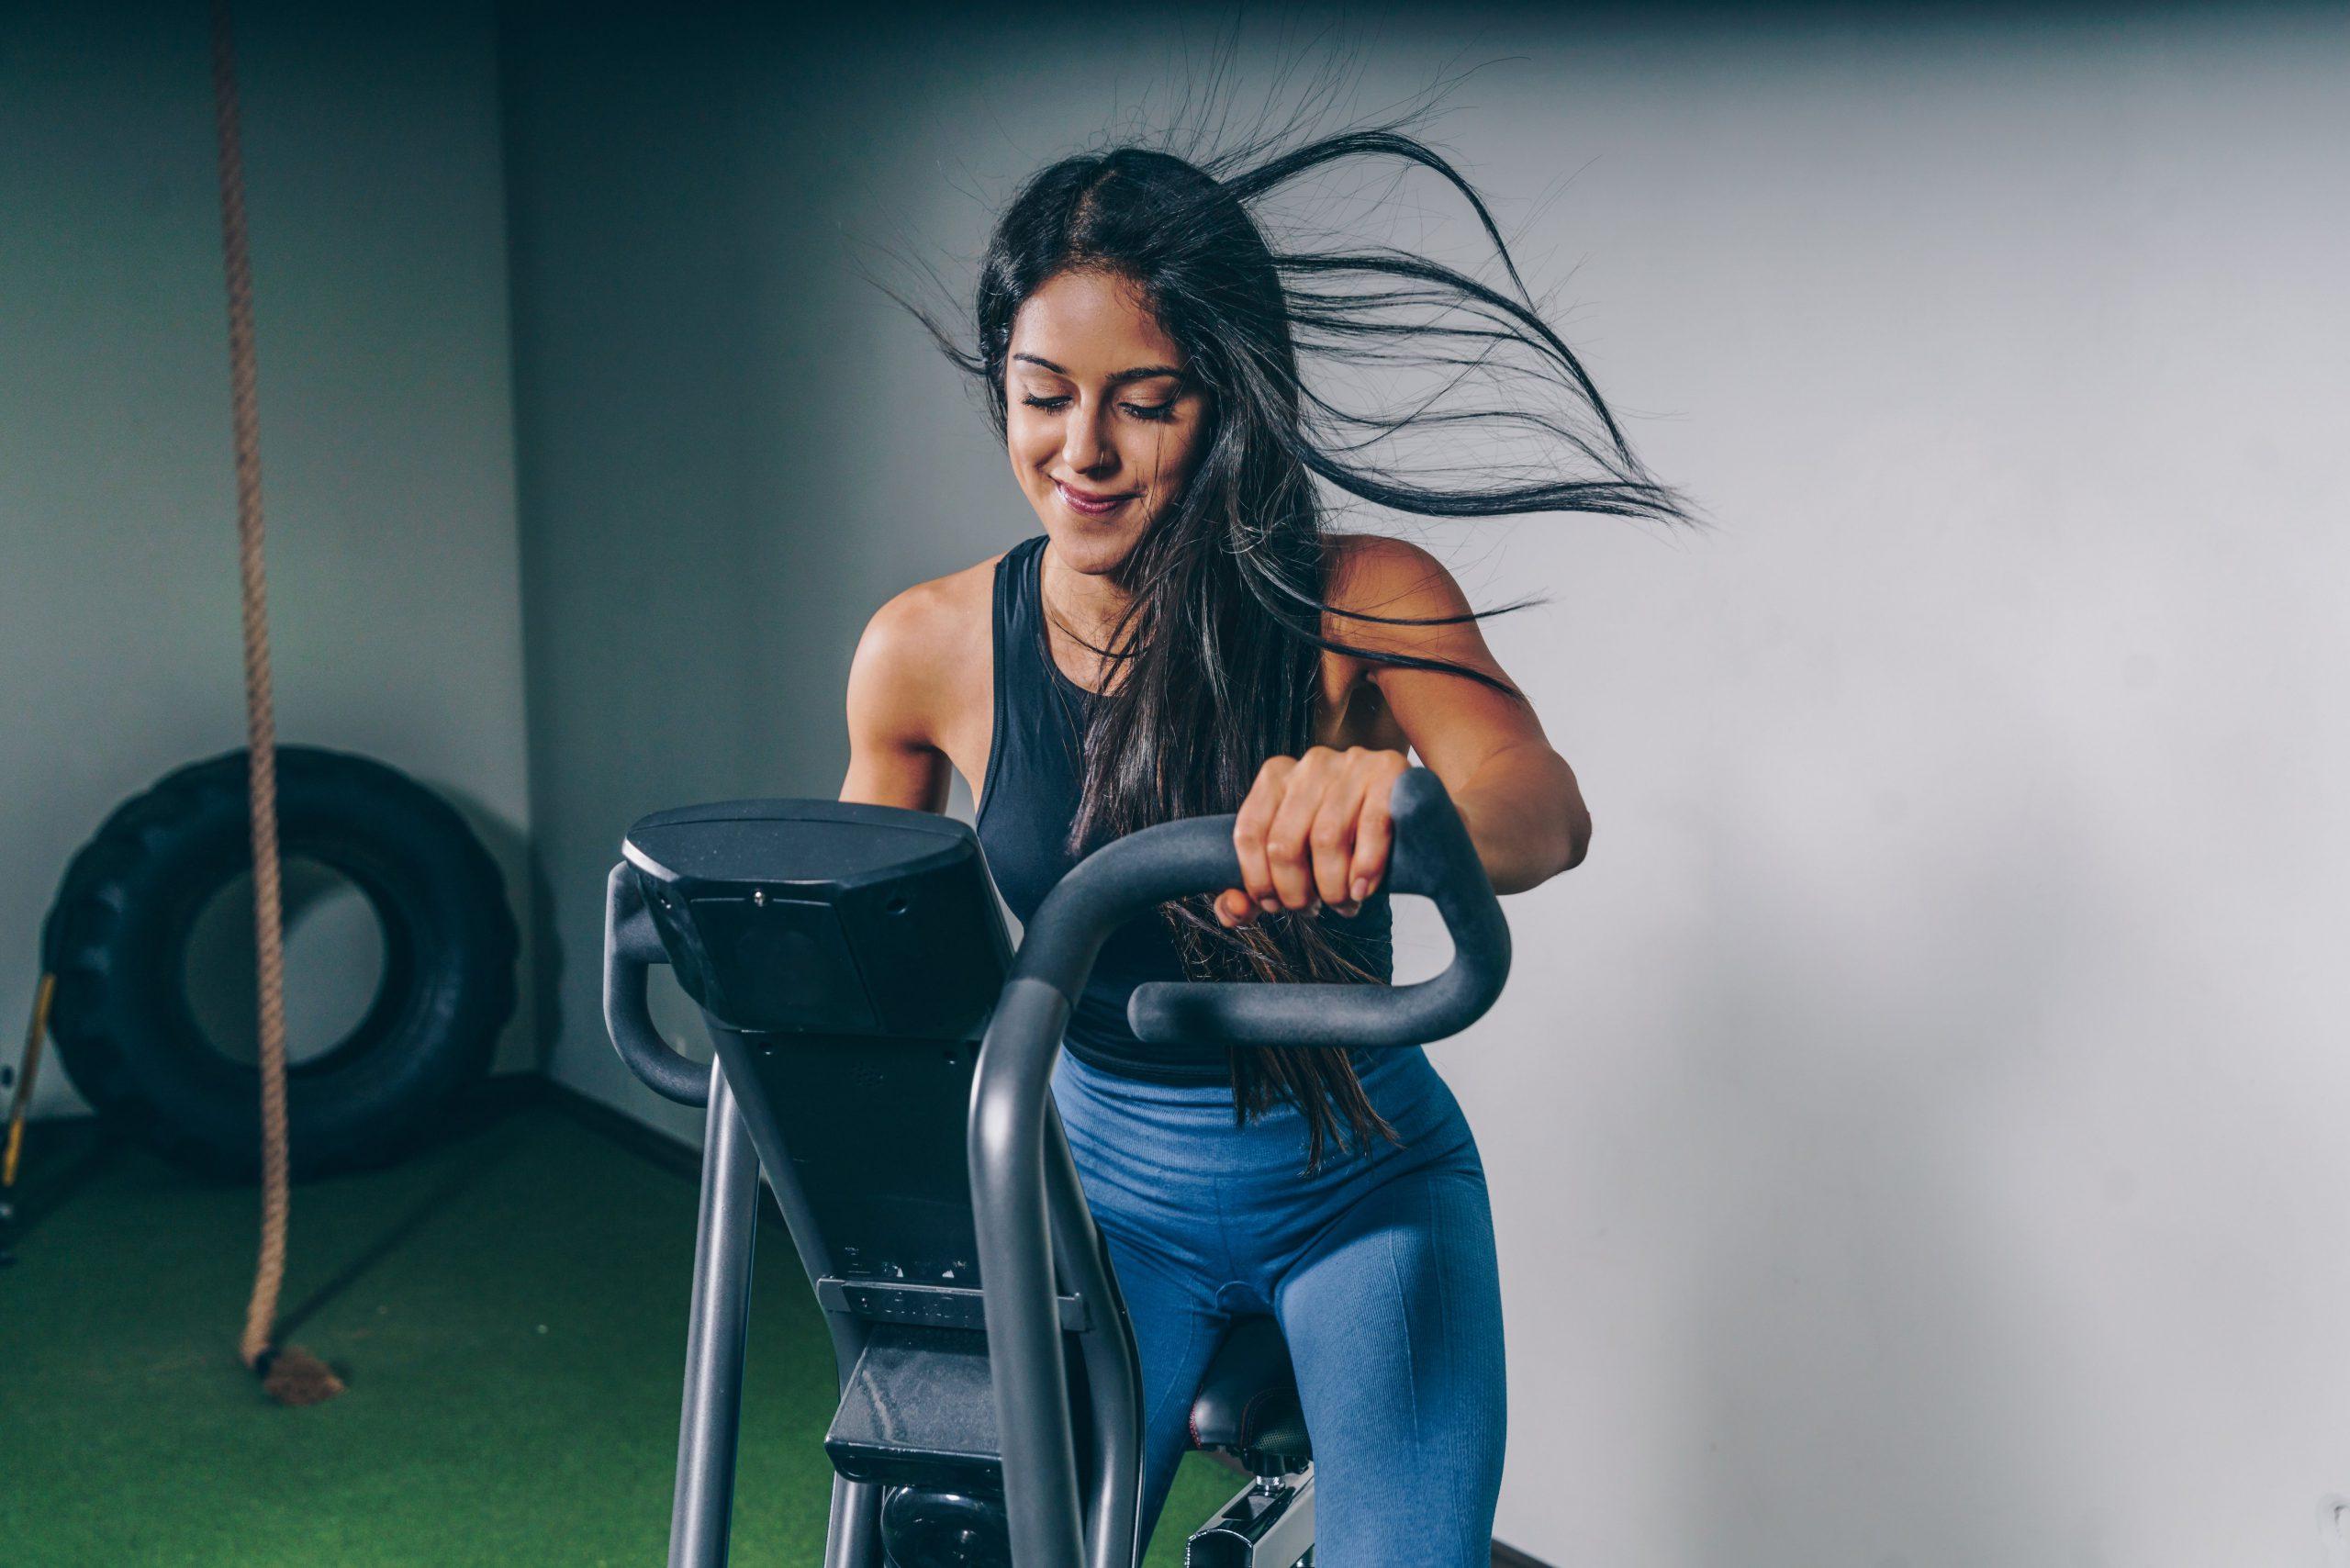 5 съвета как да превърнете тренировките в навик